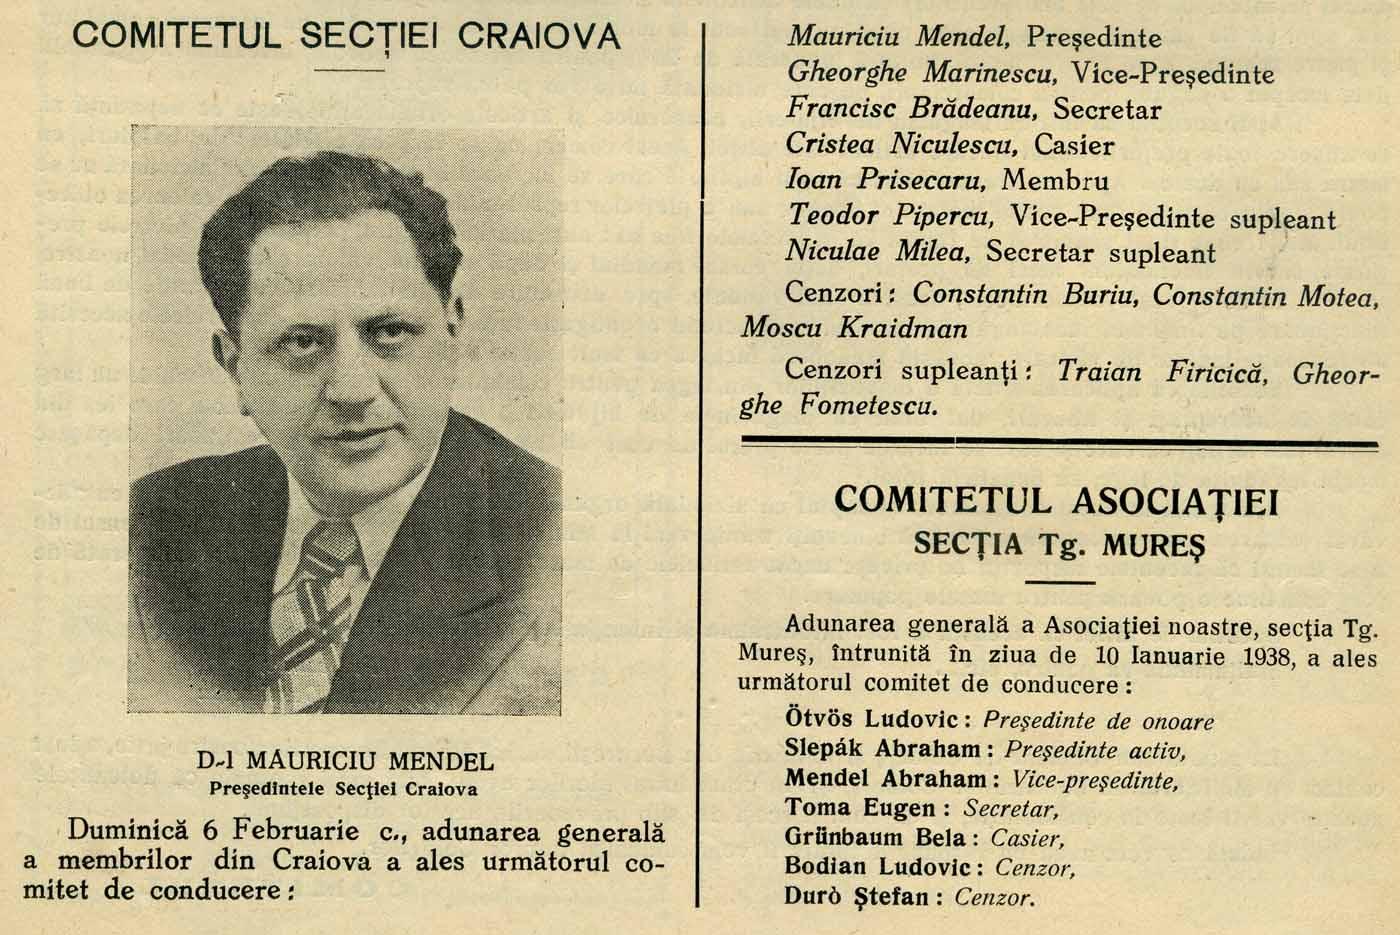 Comitetul Sectiei Craiova | Revista Asociatiei Generale - nr. 5-6 | 1938